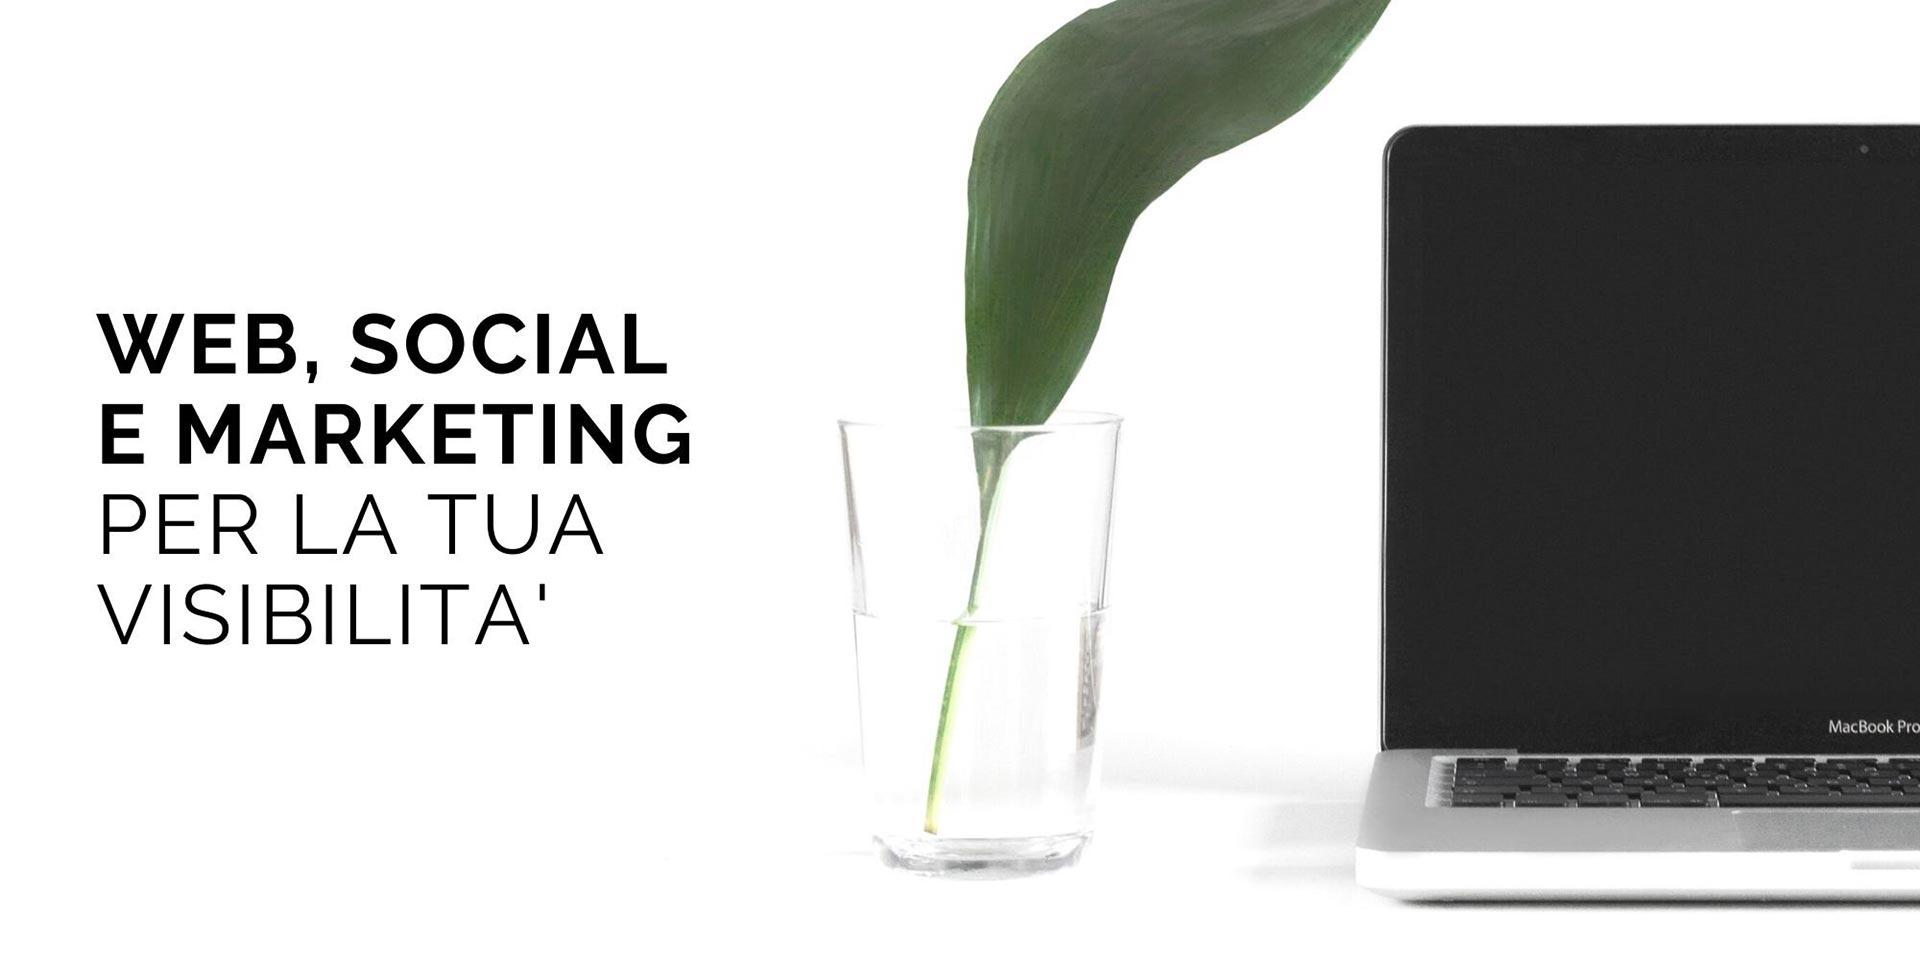 Web, Social e Marketing per la tua visibilità